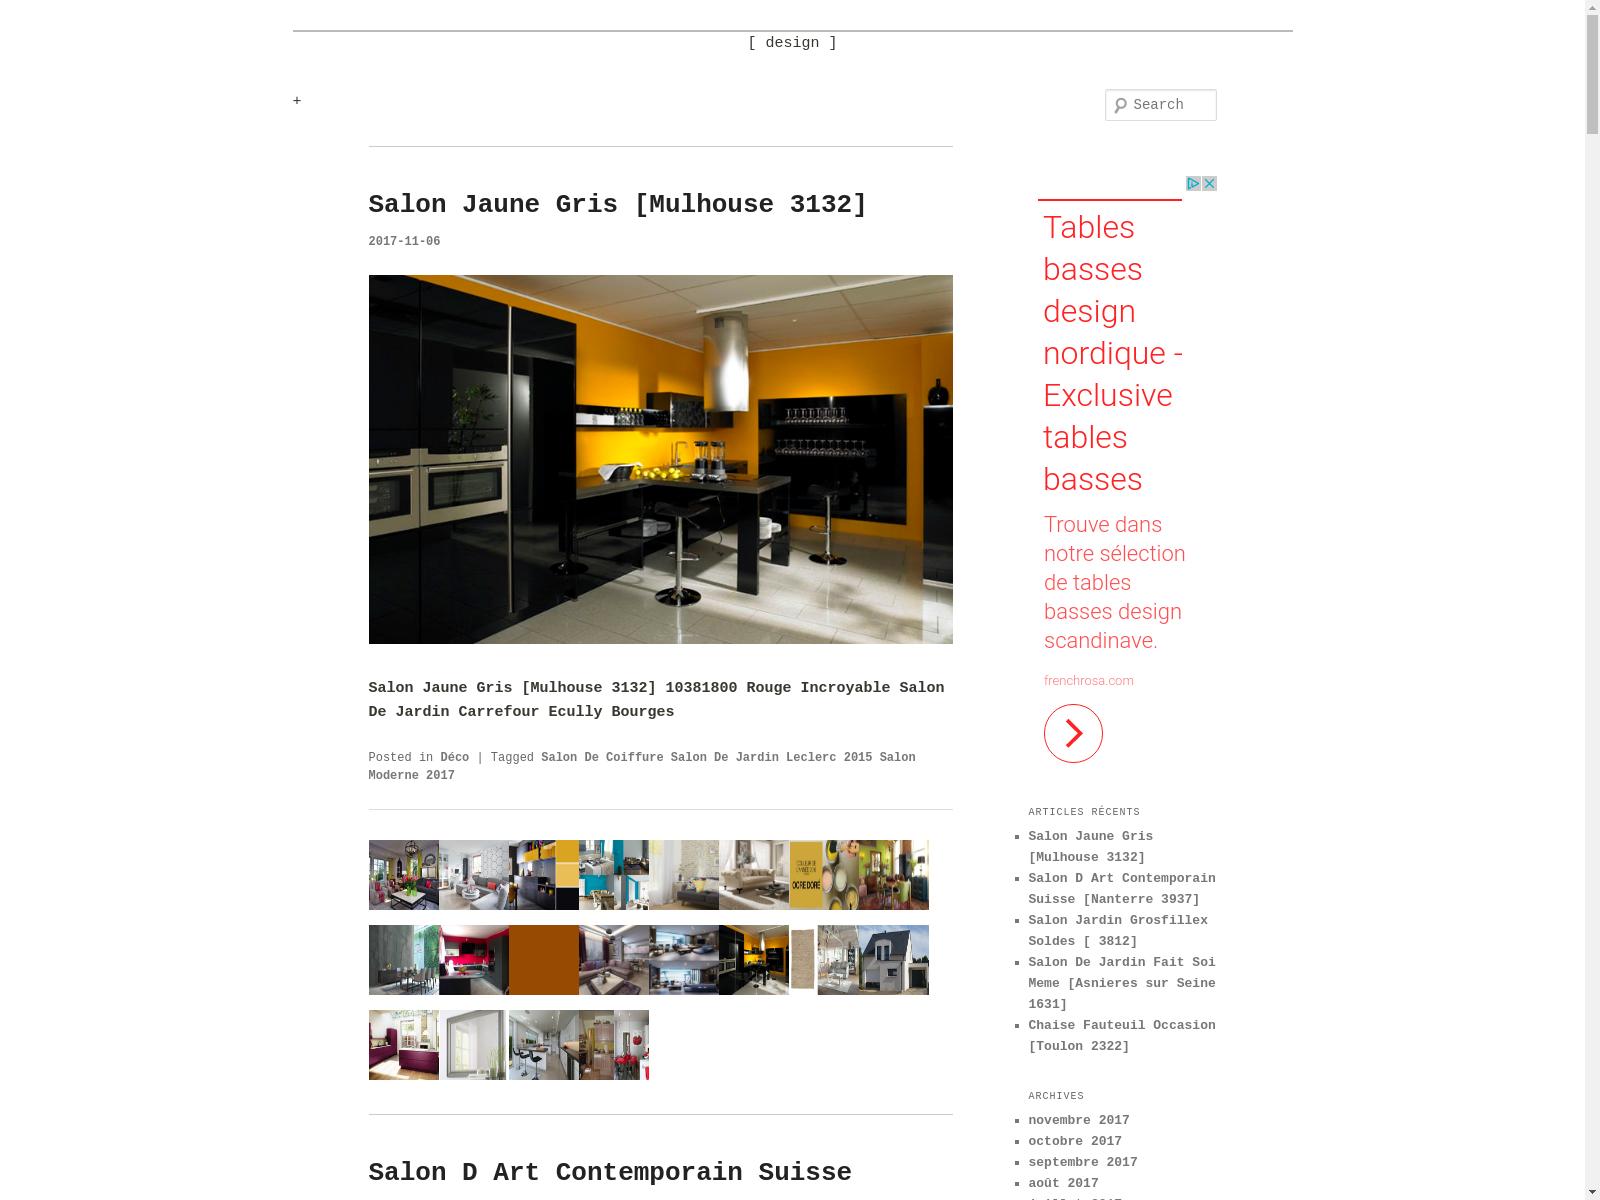 Rideau Gris Perle Ikea www.isforex.trade - urlscan.io